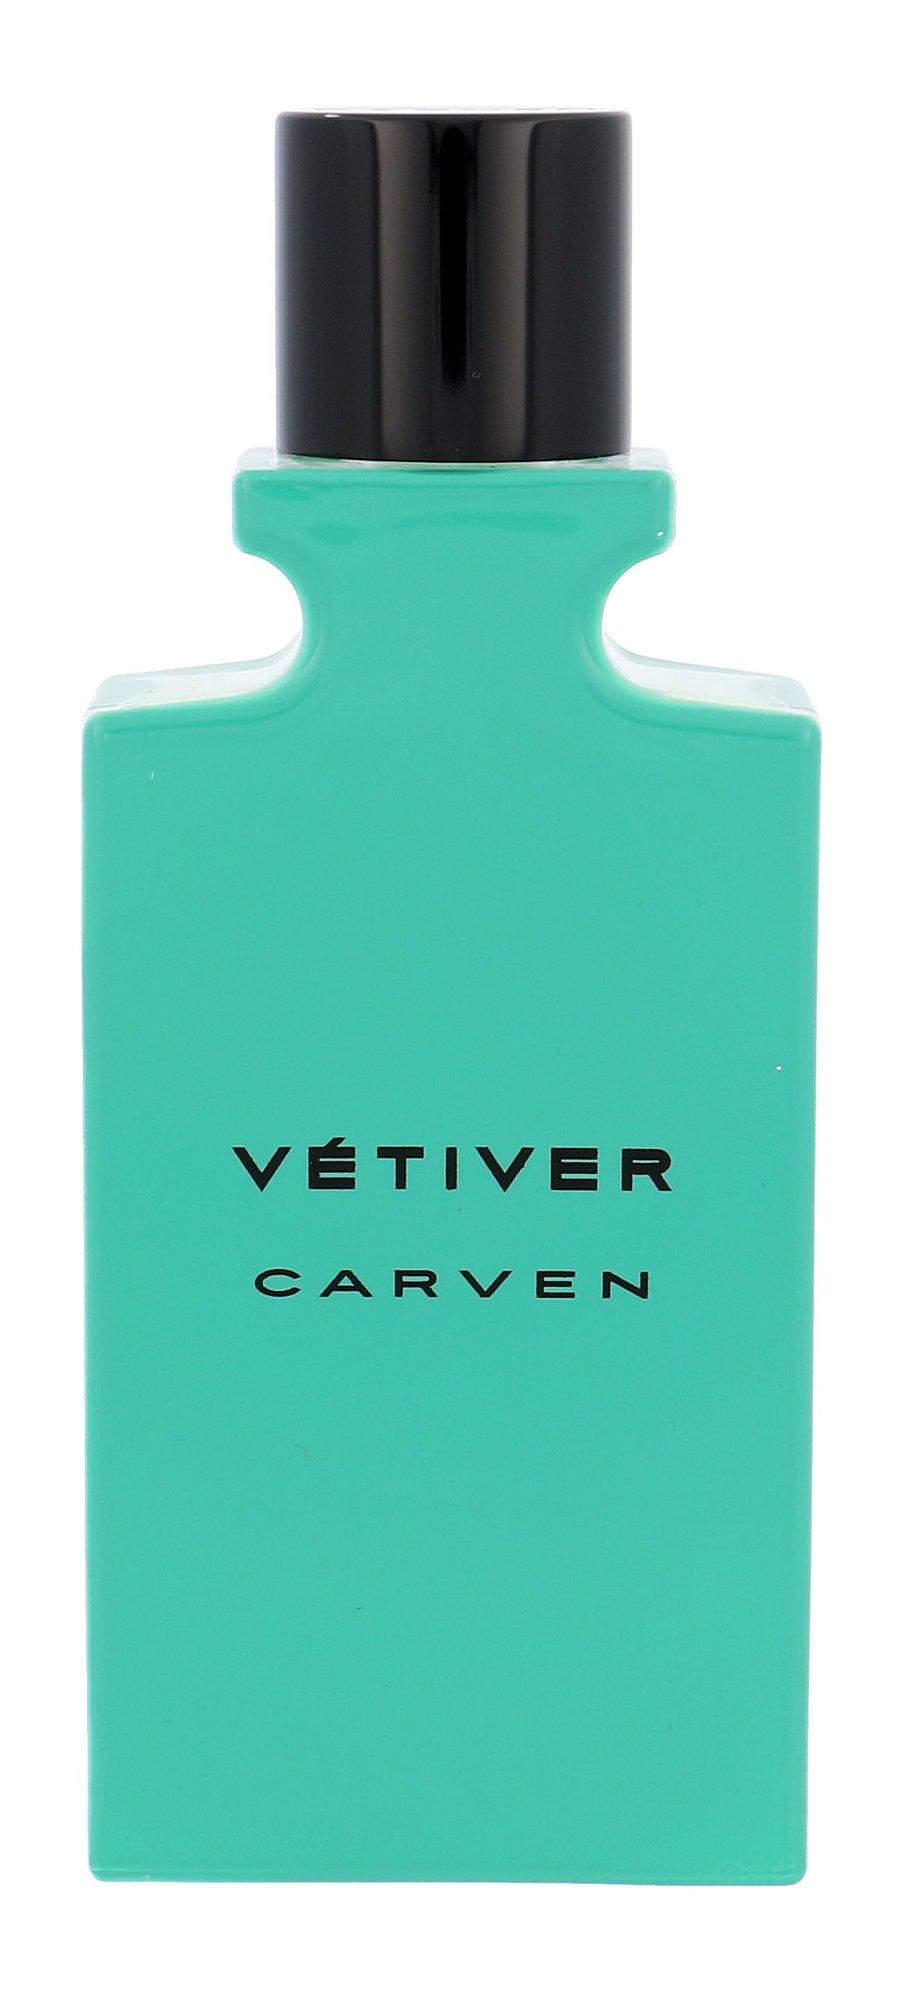 Carven Vetiver EDT 50ml